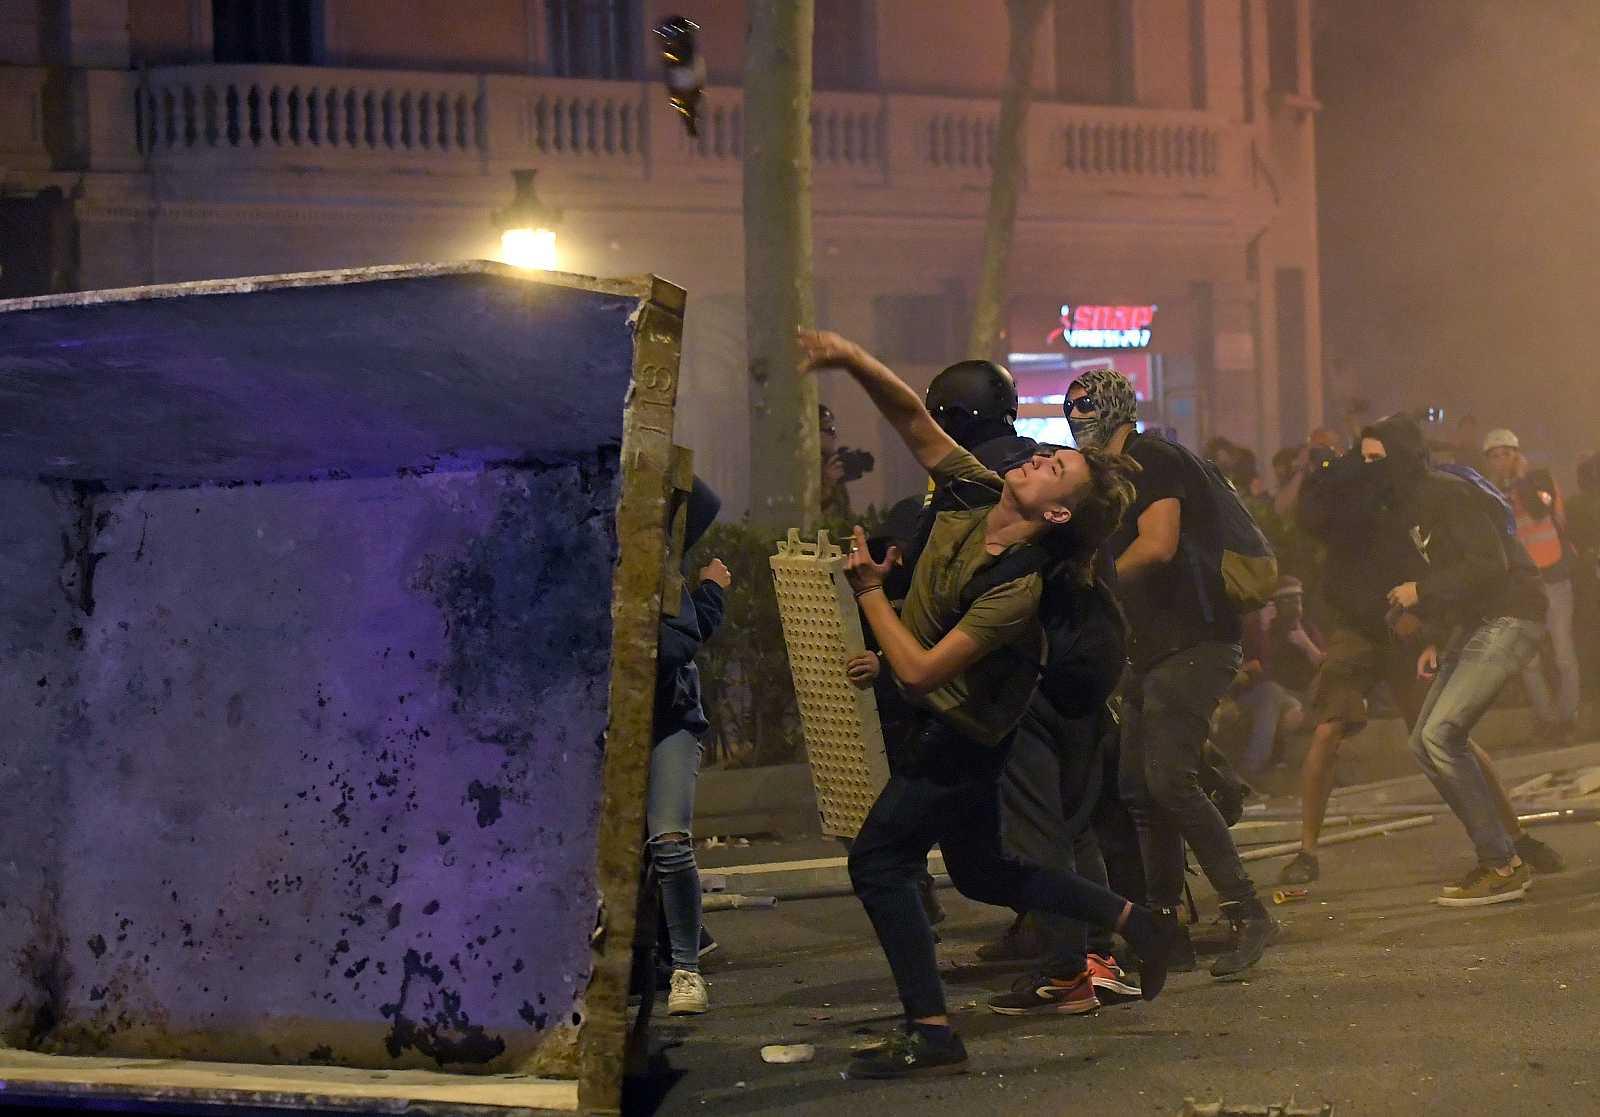 Els concentrats llancen objectes contra la policia